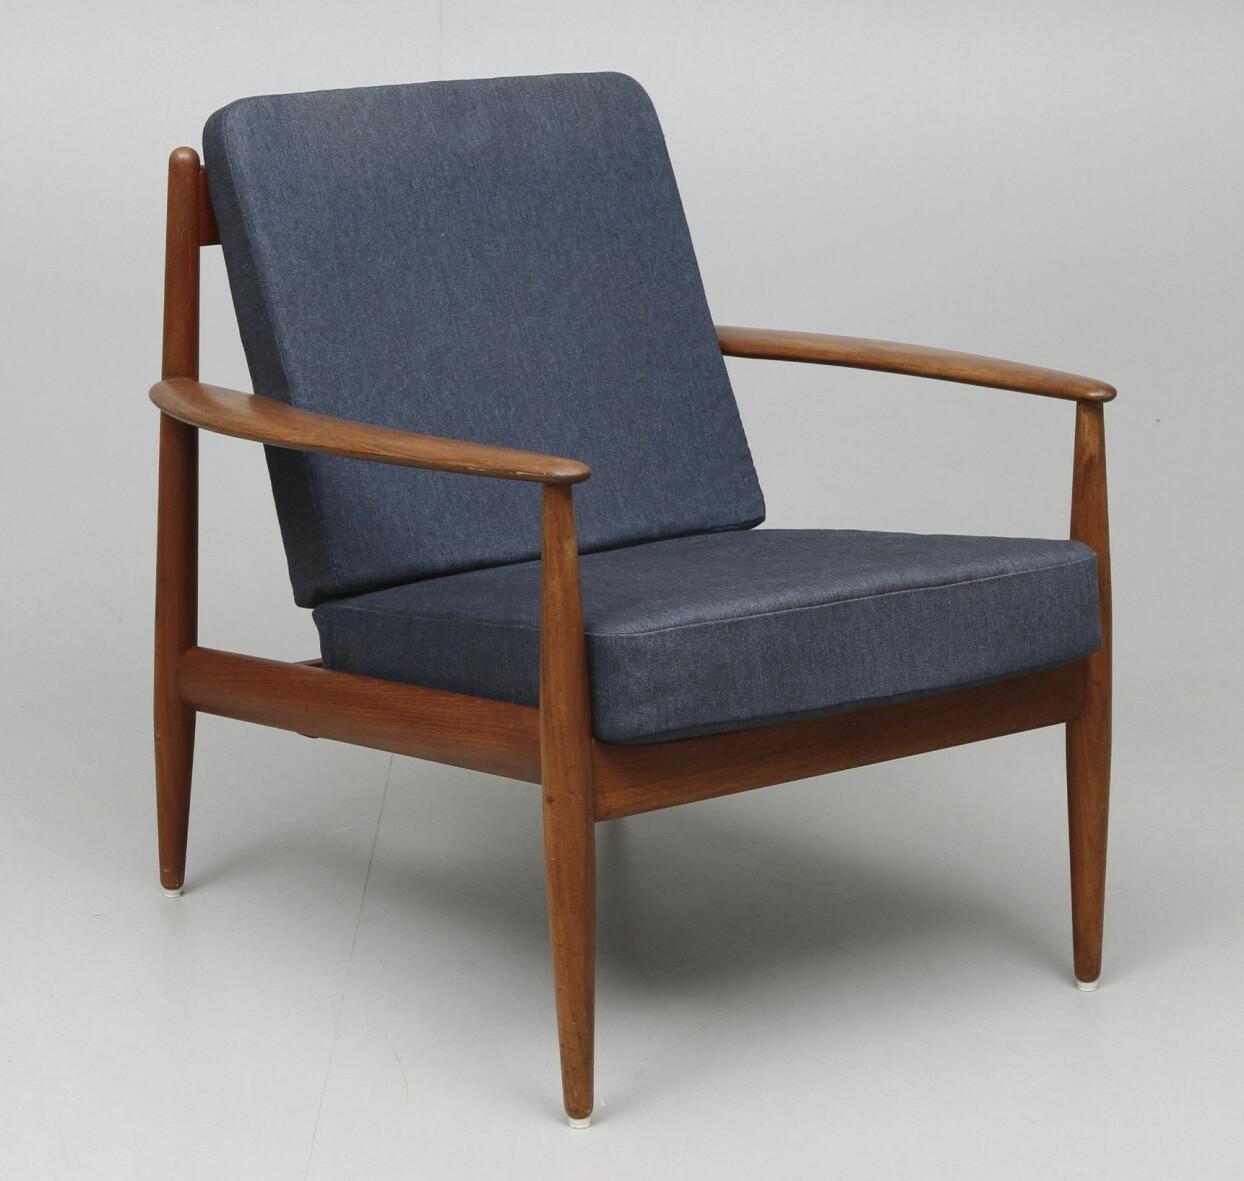 60-talsstol av Grete Jalk, tillverkad av France & Søn.